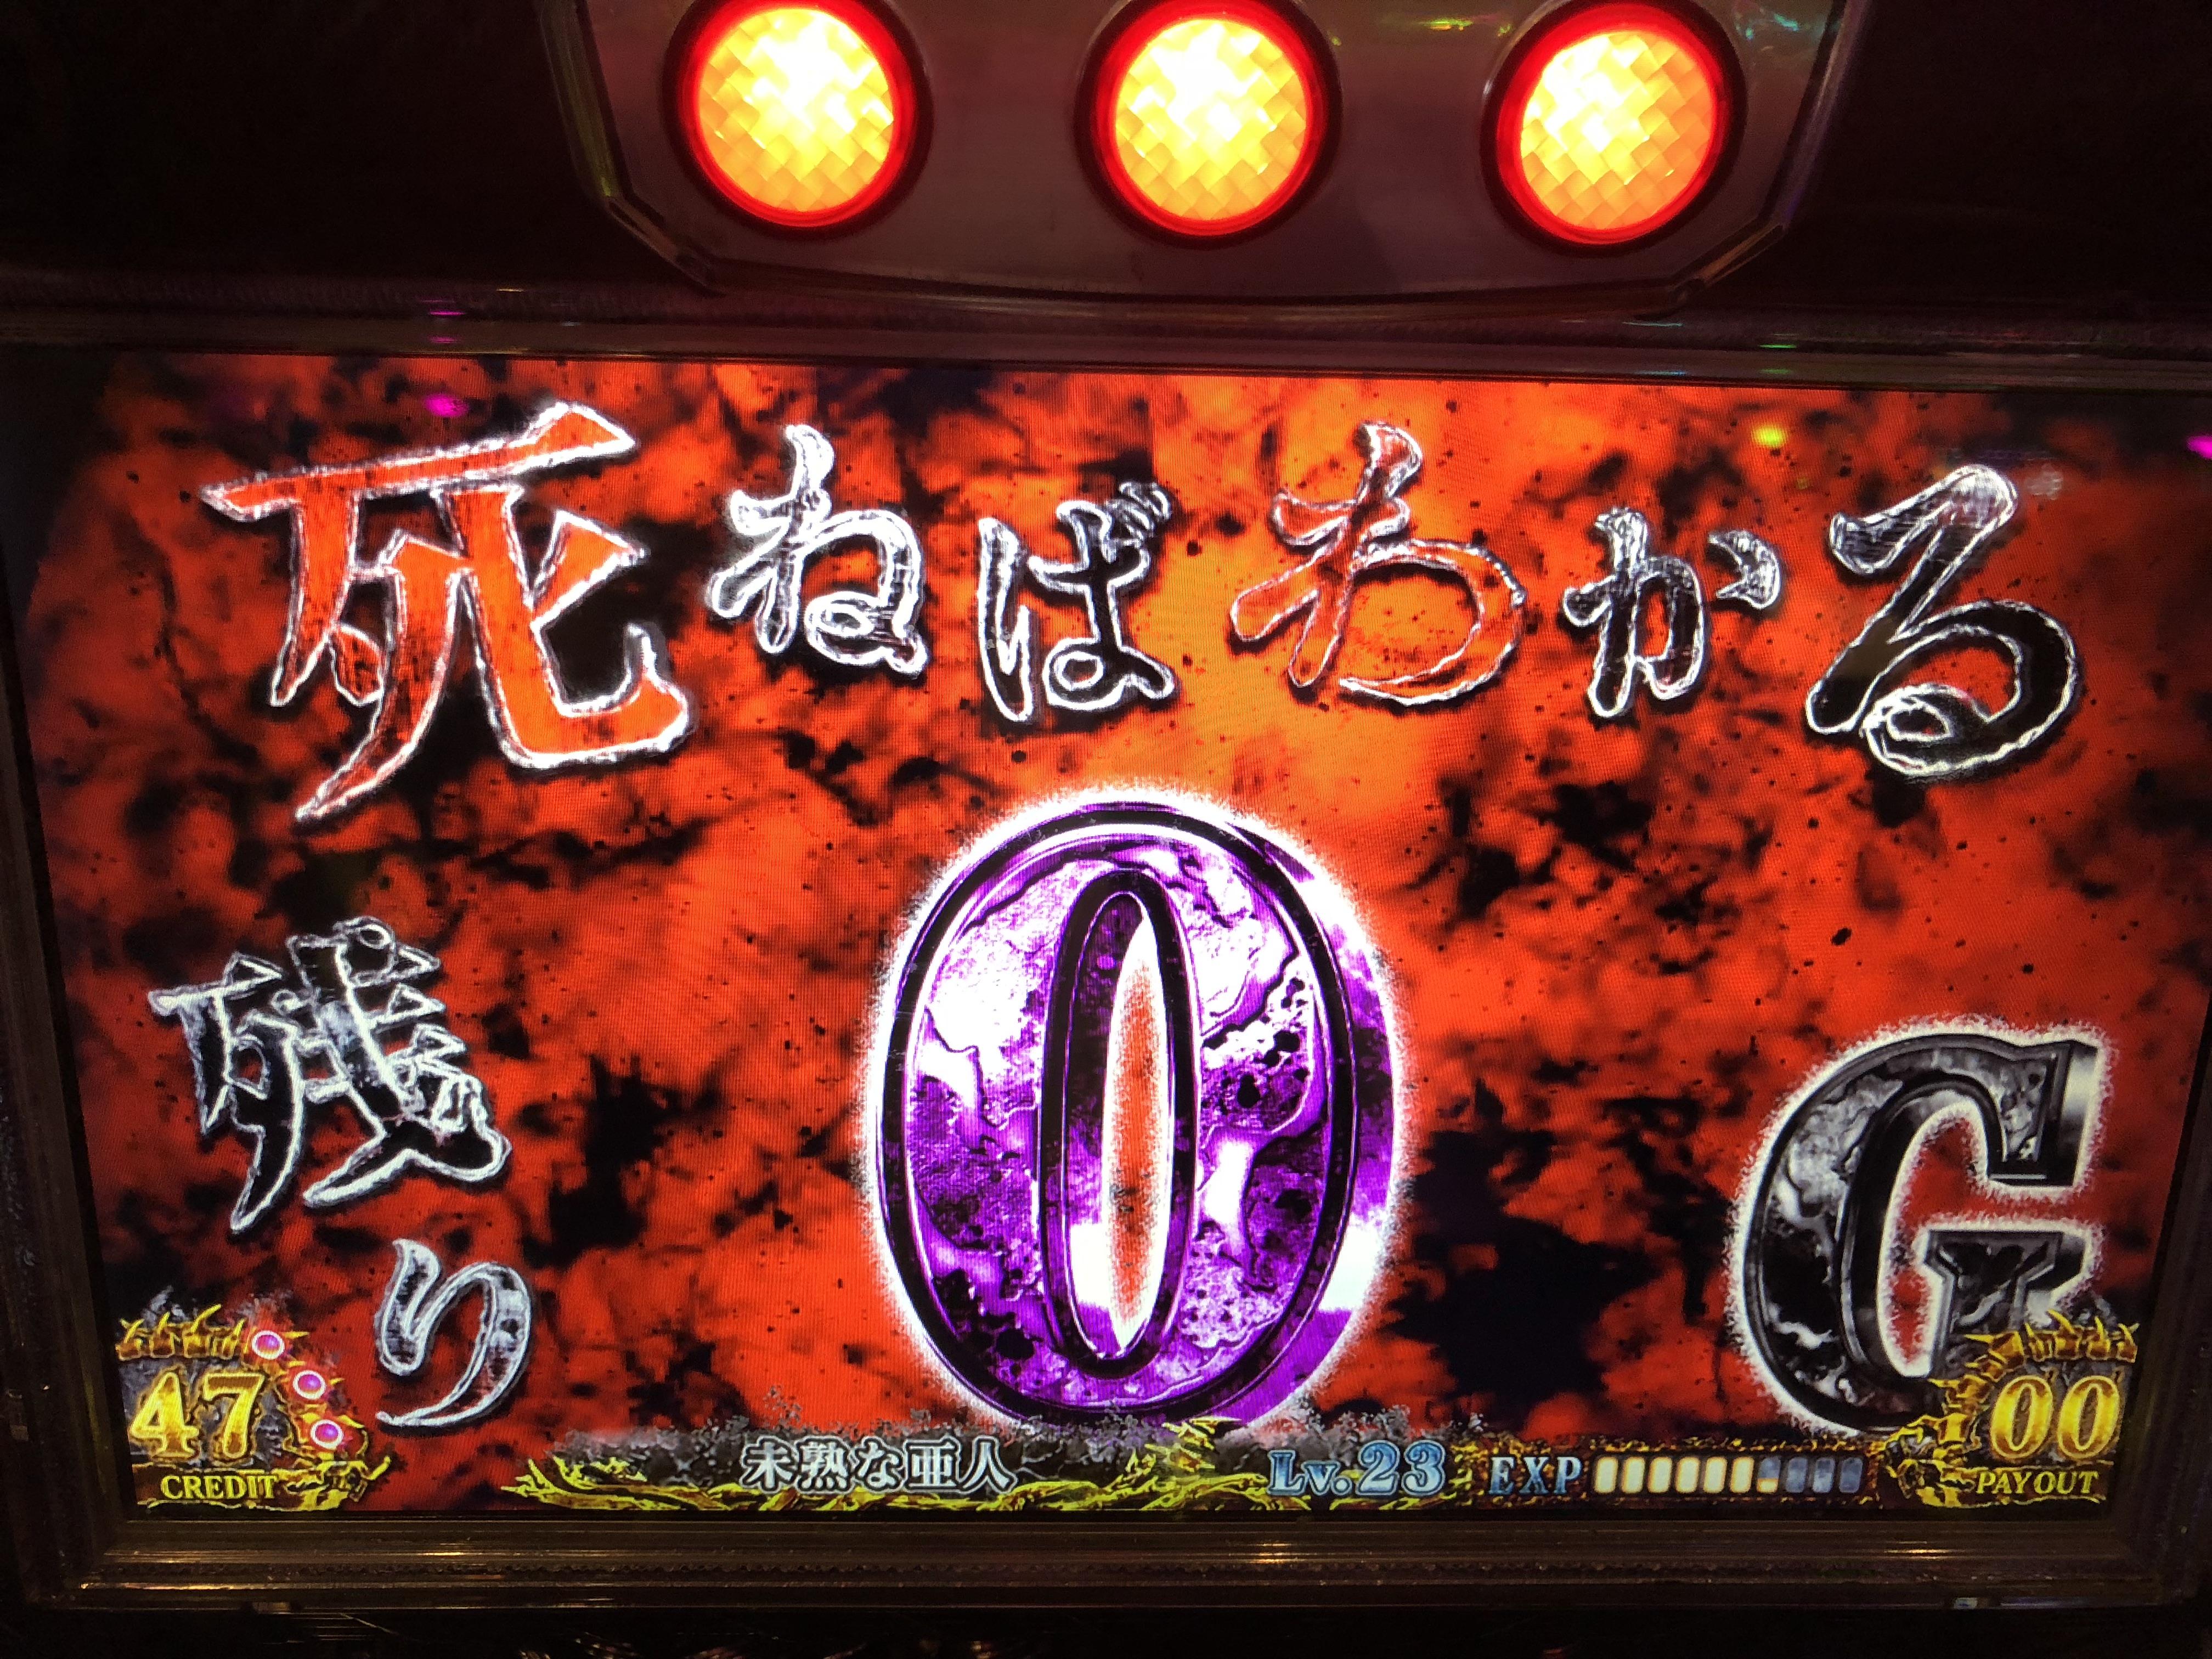 亜人~新基準機最高傑作!!全国のホール関係者の皆様、是非導入して下さい!~